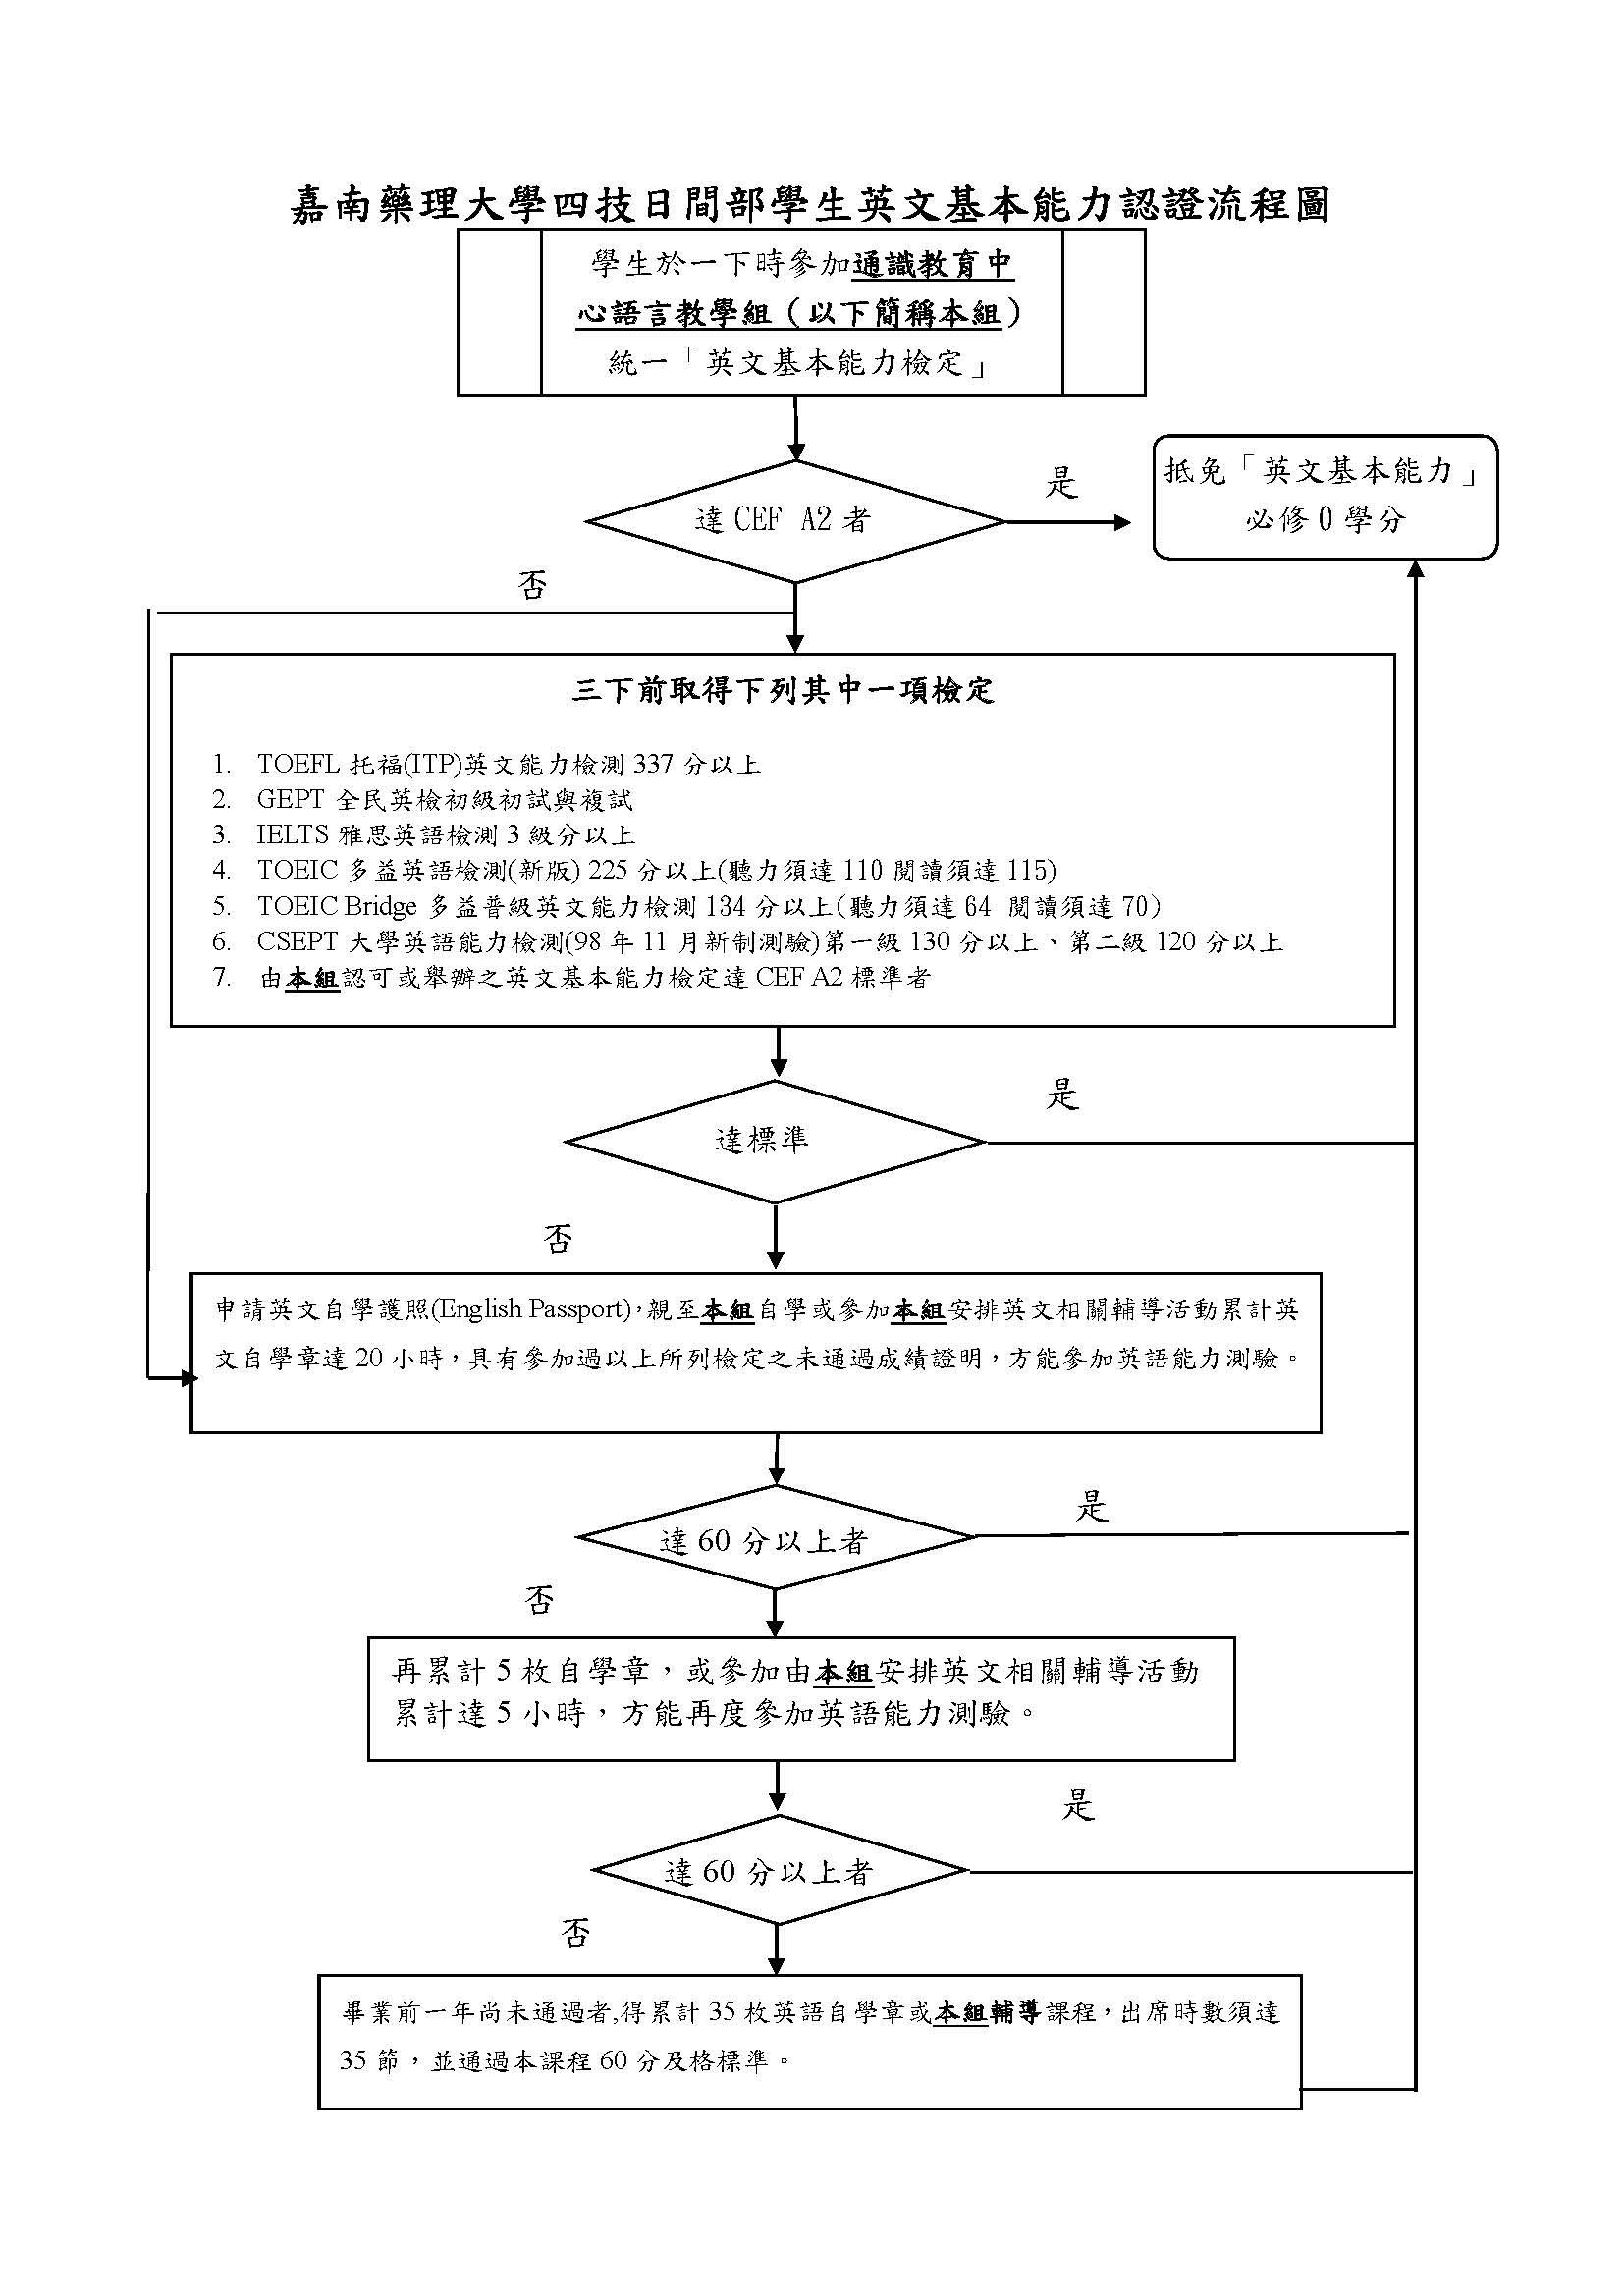 英文基本能力指標流程圖及輔導作業辦法1060428_頁面_2